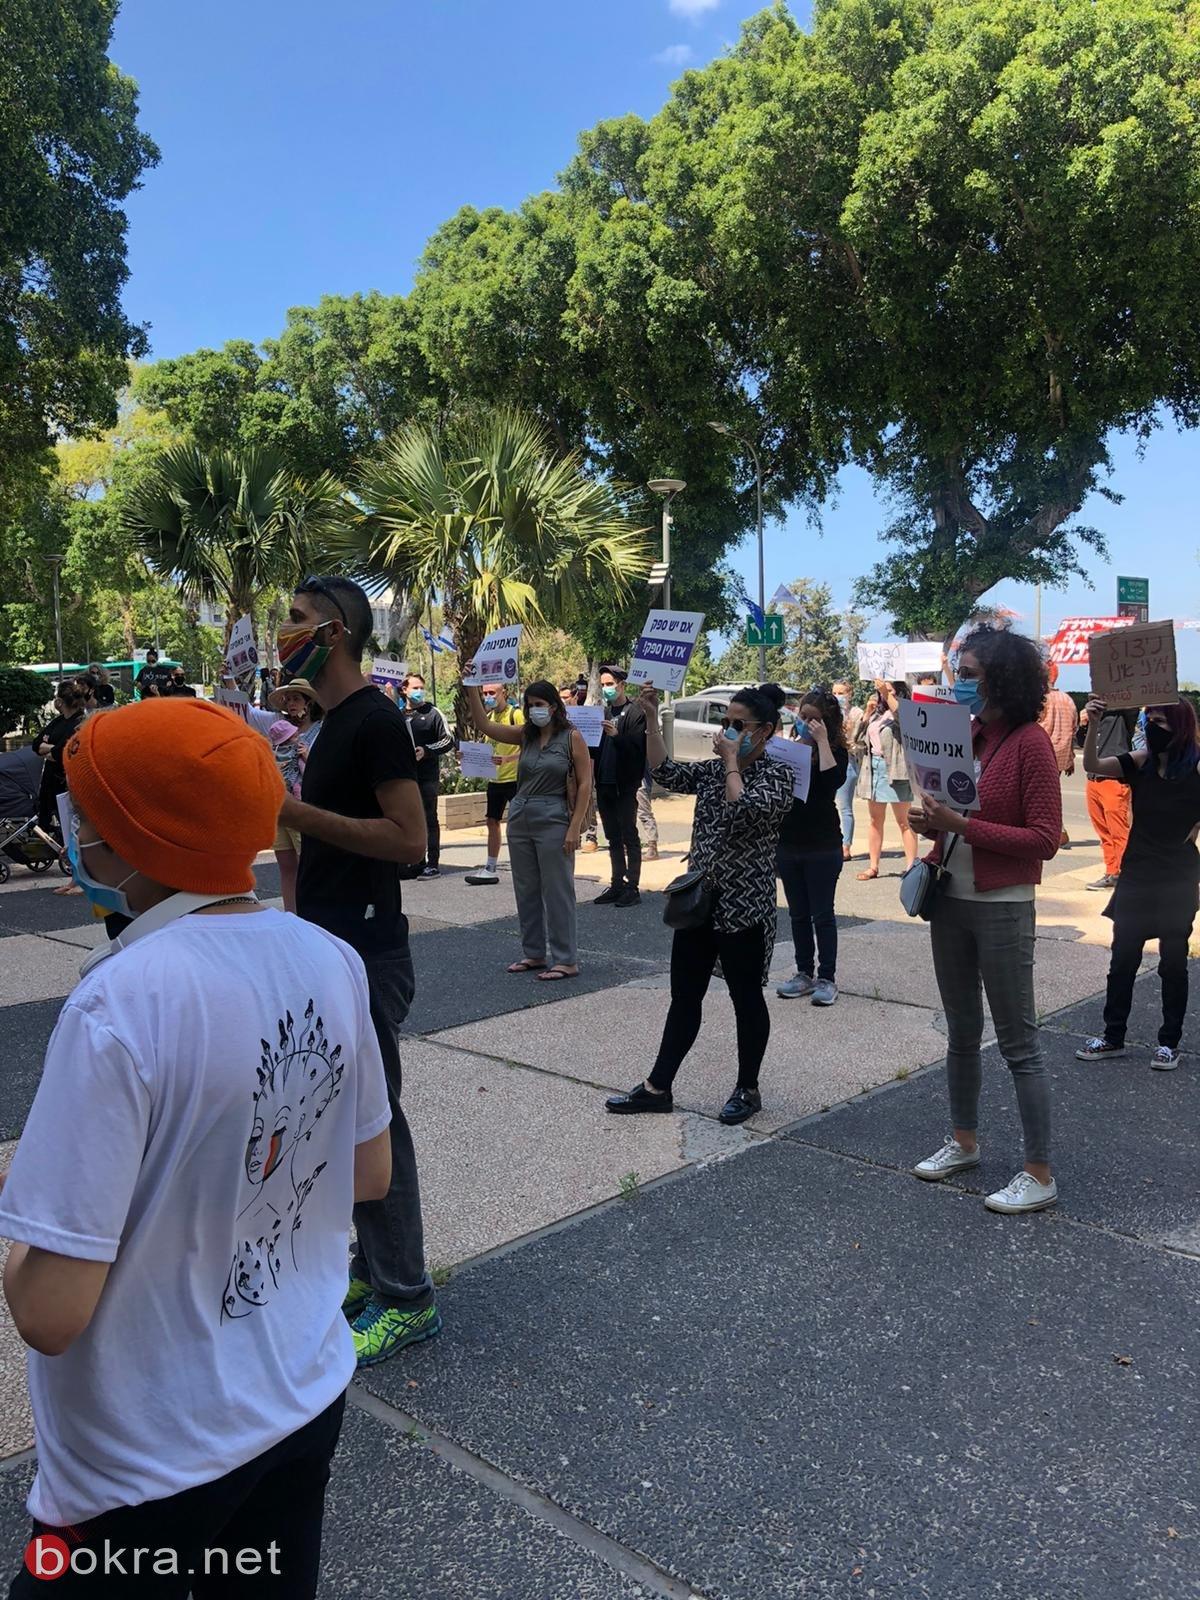 نشطاء يصرخون في حيفا ضد حفل أيال جولان... نرفض استقبال ودعم متحرش جنسي